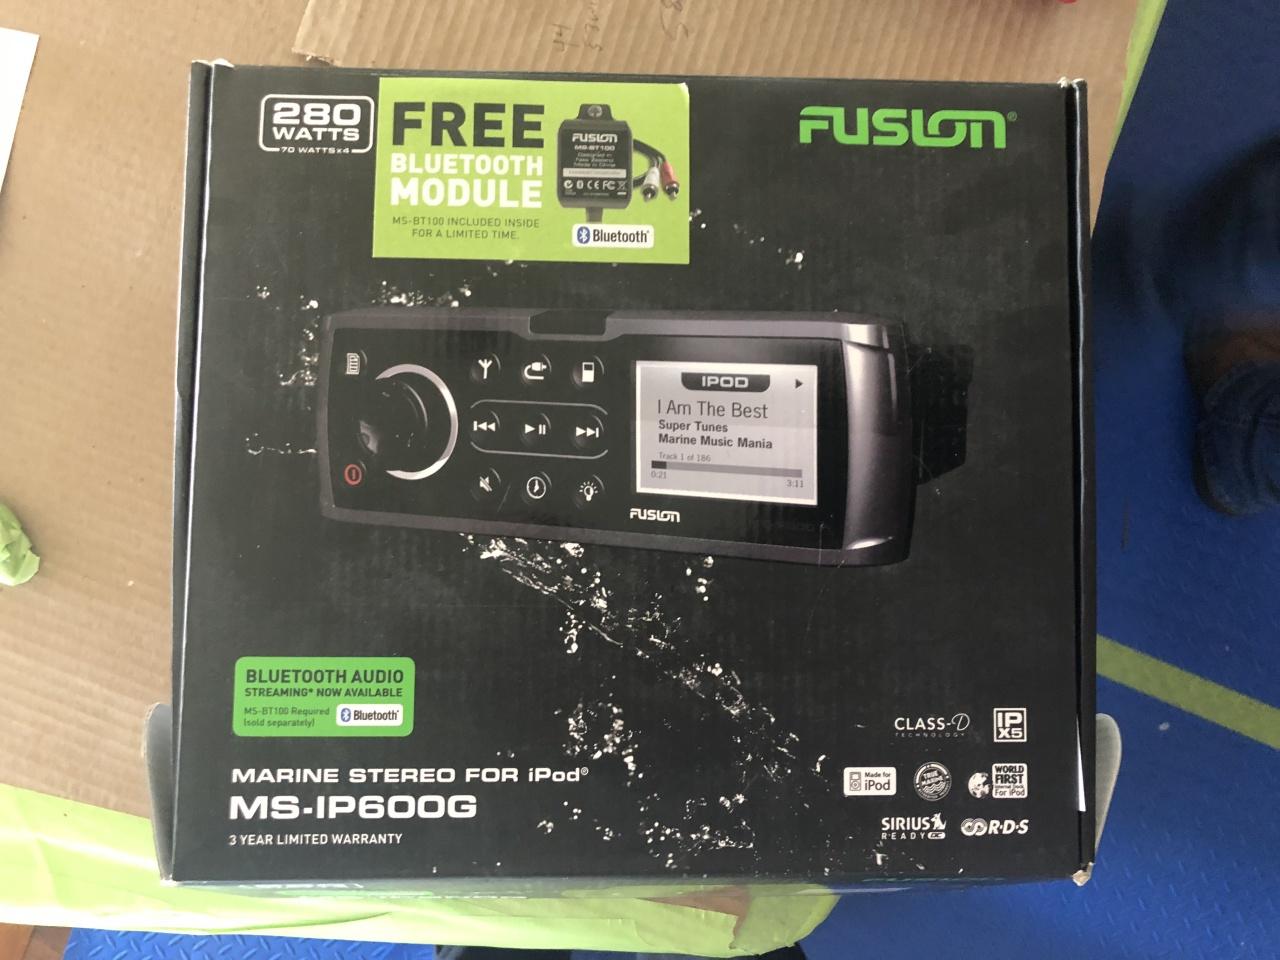 Fusion marine stereo MS-IP600G-b4bb51bf-67b4-47f2-813b-18078e722d6e-jpg